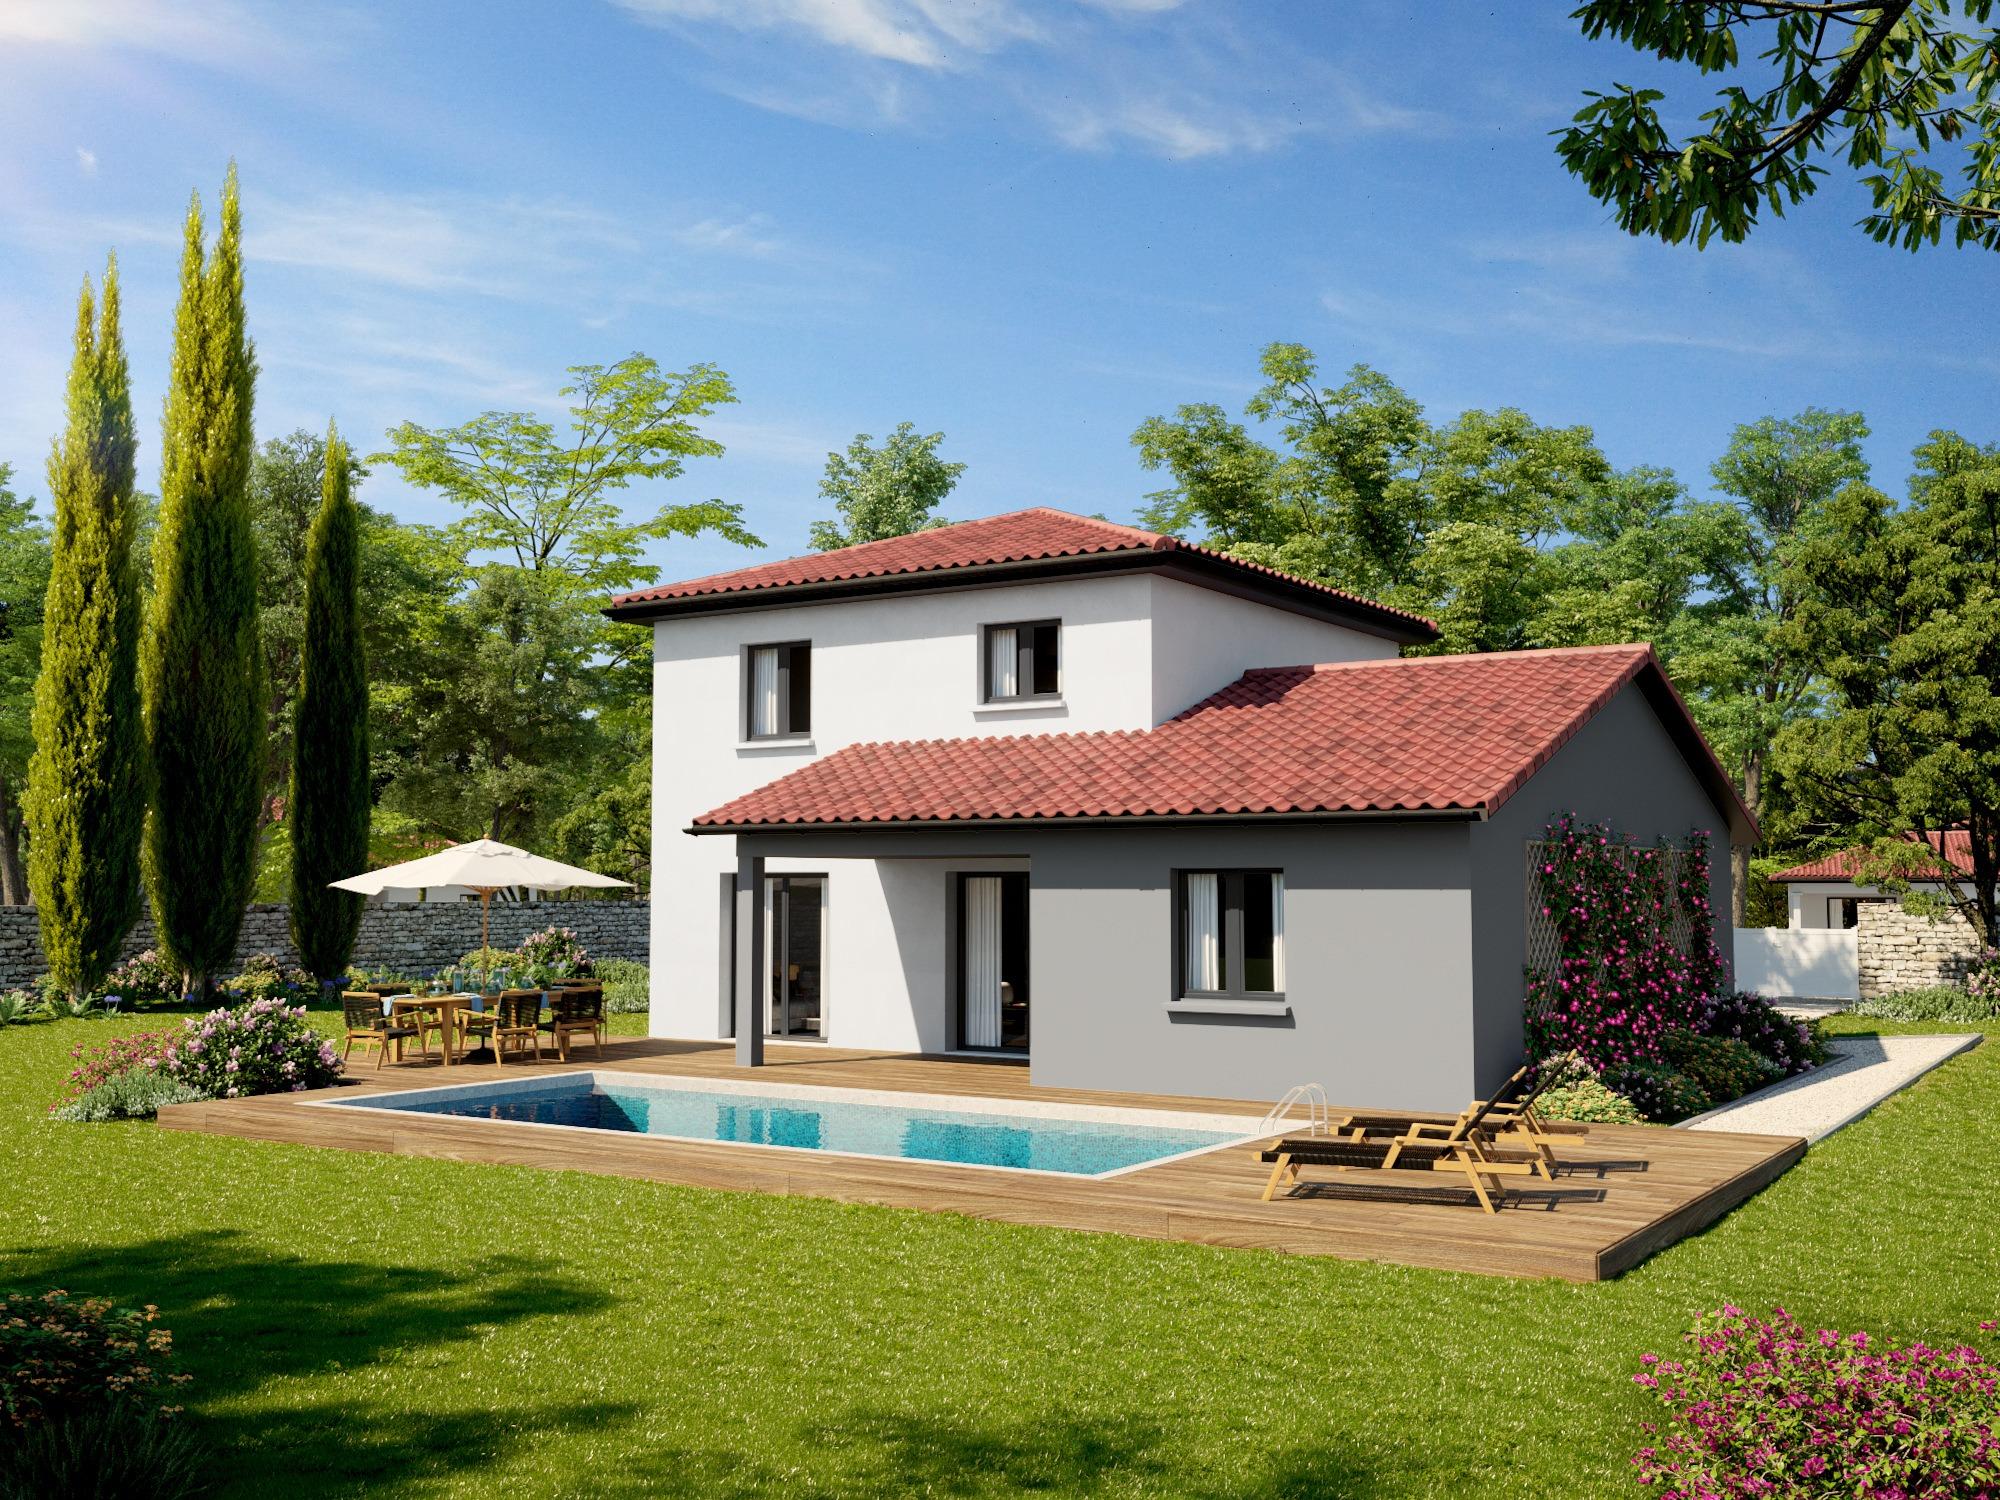 Maisons + Terrains du constructeur DEMEURES CALADOISES • 104 m² • CUISERY